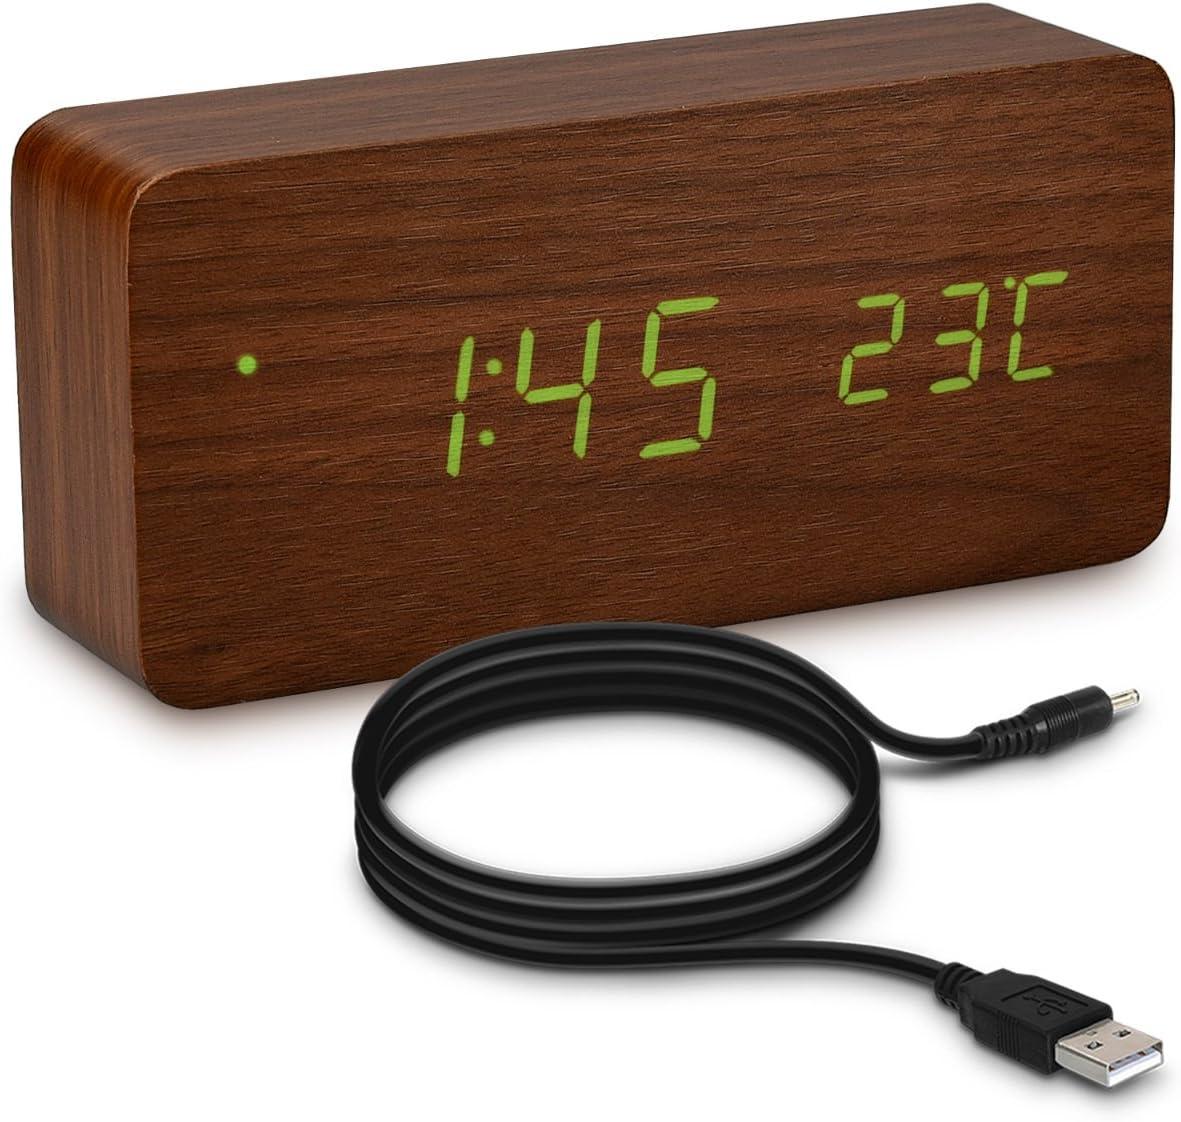 kwmobile Reloj Despertador Digital con Cable USB - Pantalla LED y activación táctil - Indicador de Temperatura y Calendario en Madera y LED Verde